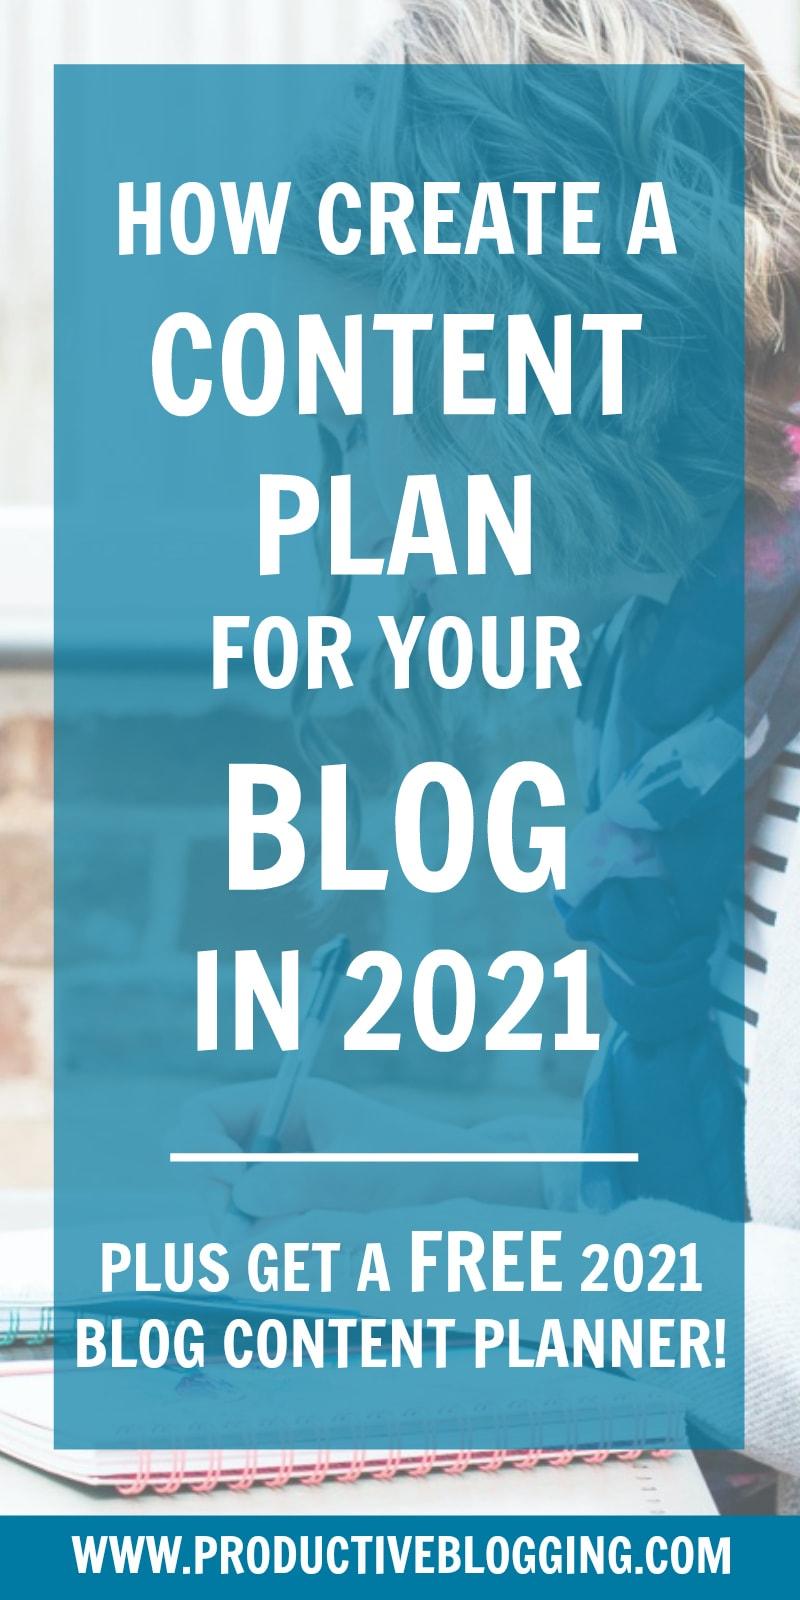 Free 2021 Blog Content Planner #goals #dreams #2021 #2021goals #goalsetting #goalsetting2021 #2021dreams #newyear #newyears2021 #newyearplanning #newyeargoals #2021planning #2021planner #2021plans #blogginggoals #bloggingdreams #blogplanner #blogplanning #blogplanning2021 #blogplanner2021